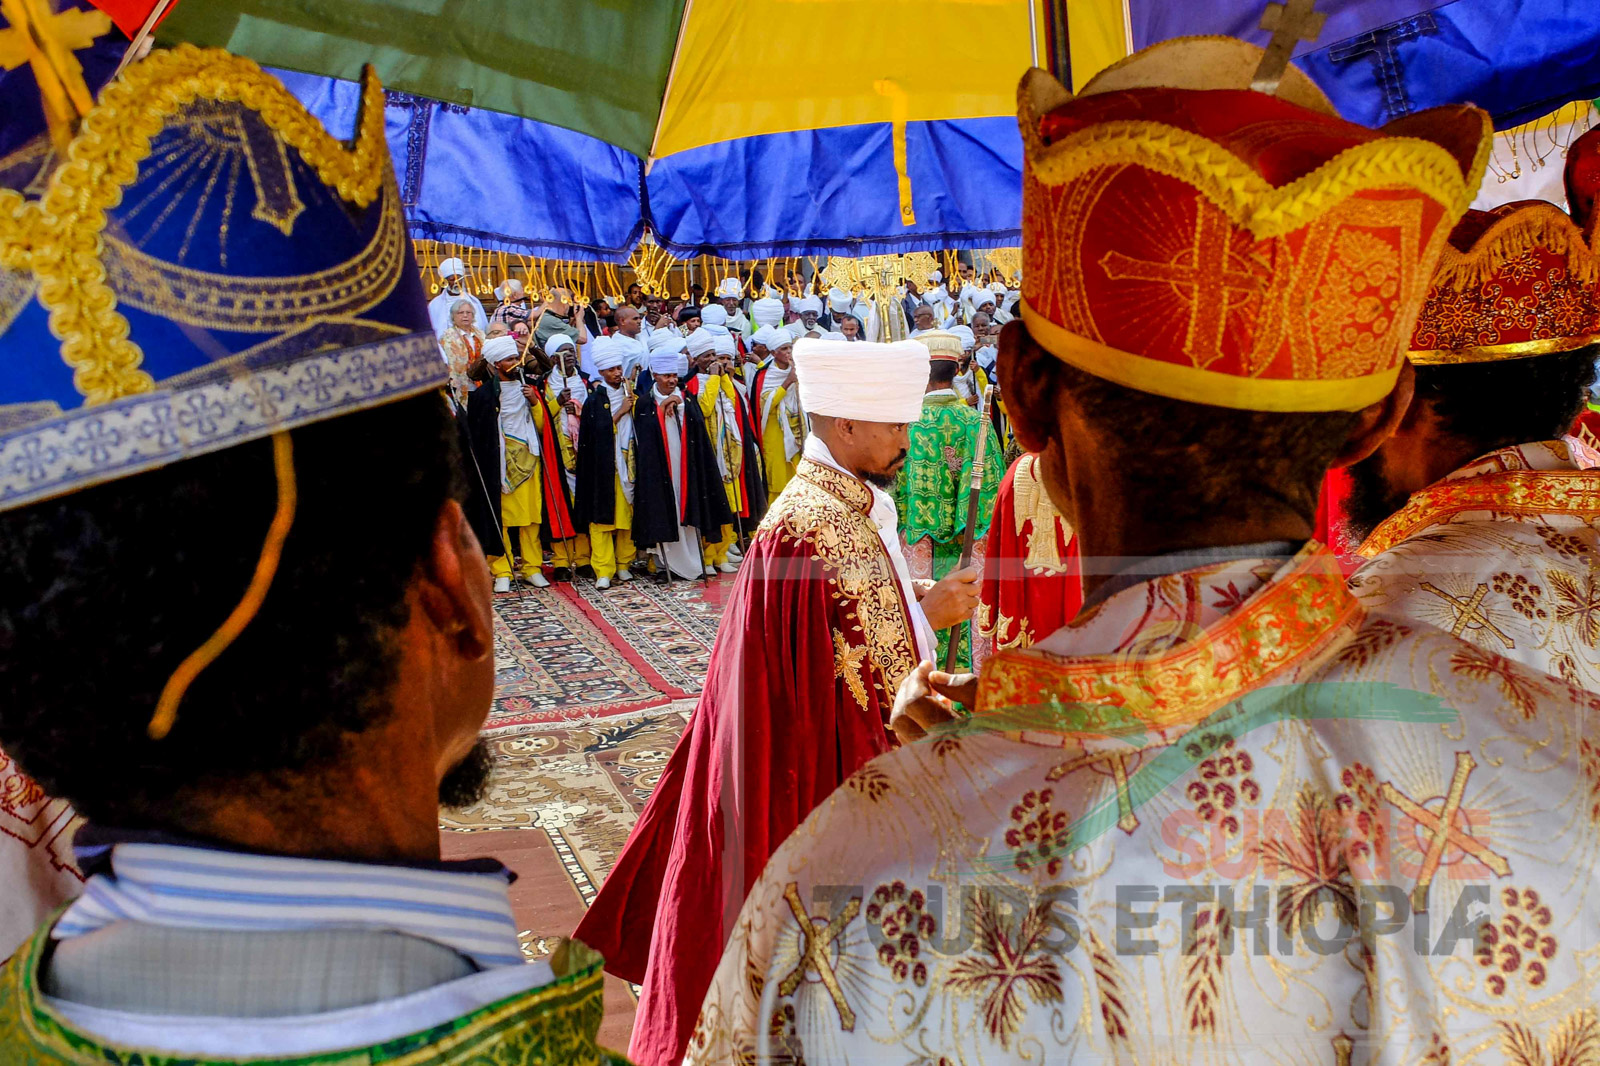 HOSAINA CELEBRATION AKSUM ETHIOPIA MORNING